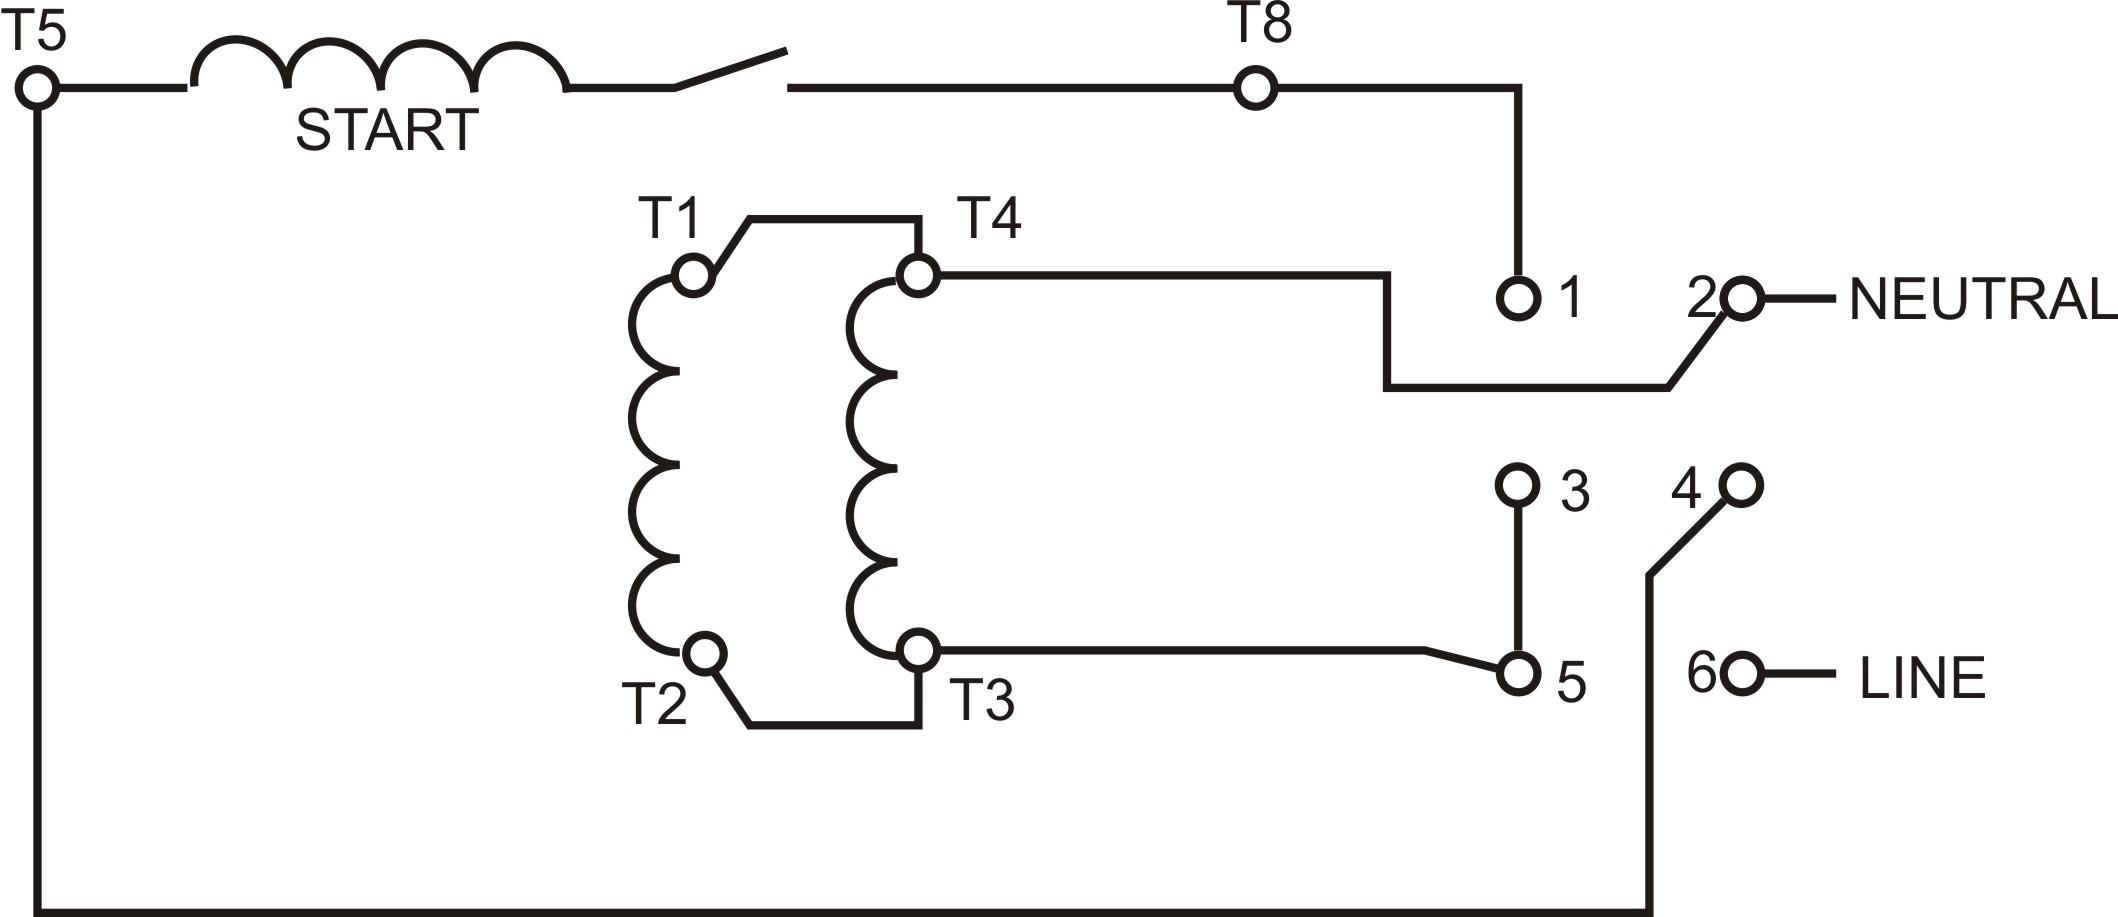 Wiring Diagram Single Phase Motor Wiring Diagrams Single Phase Motor